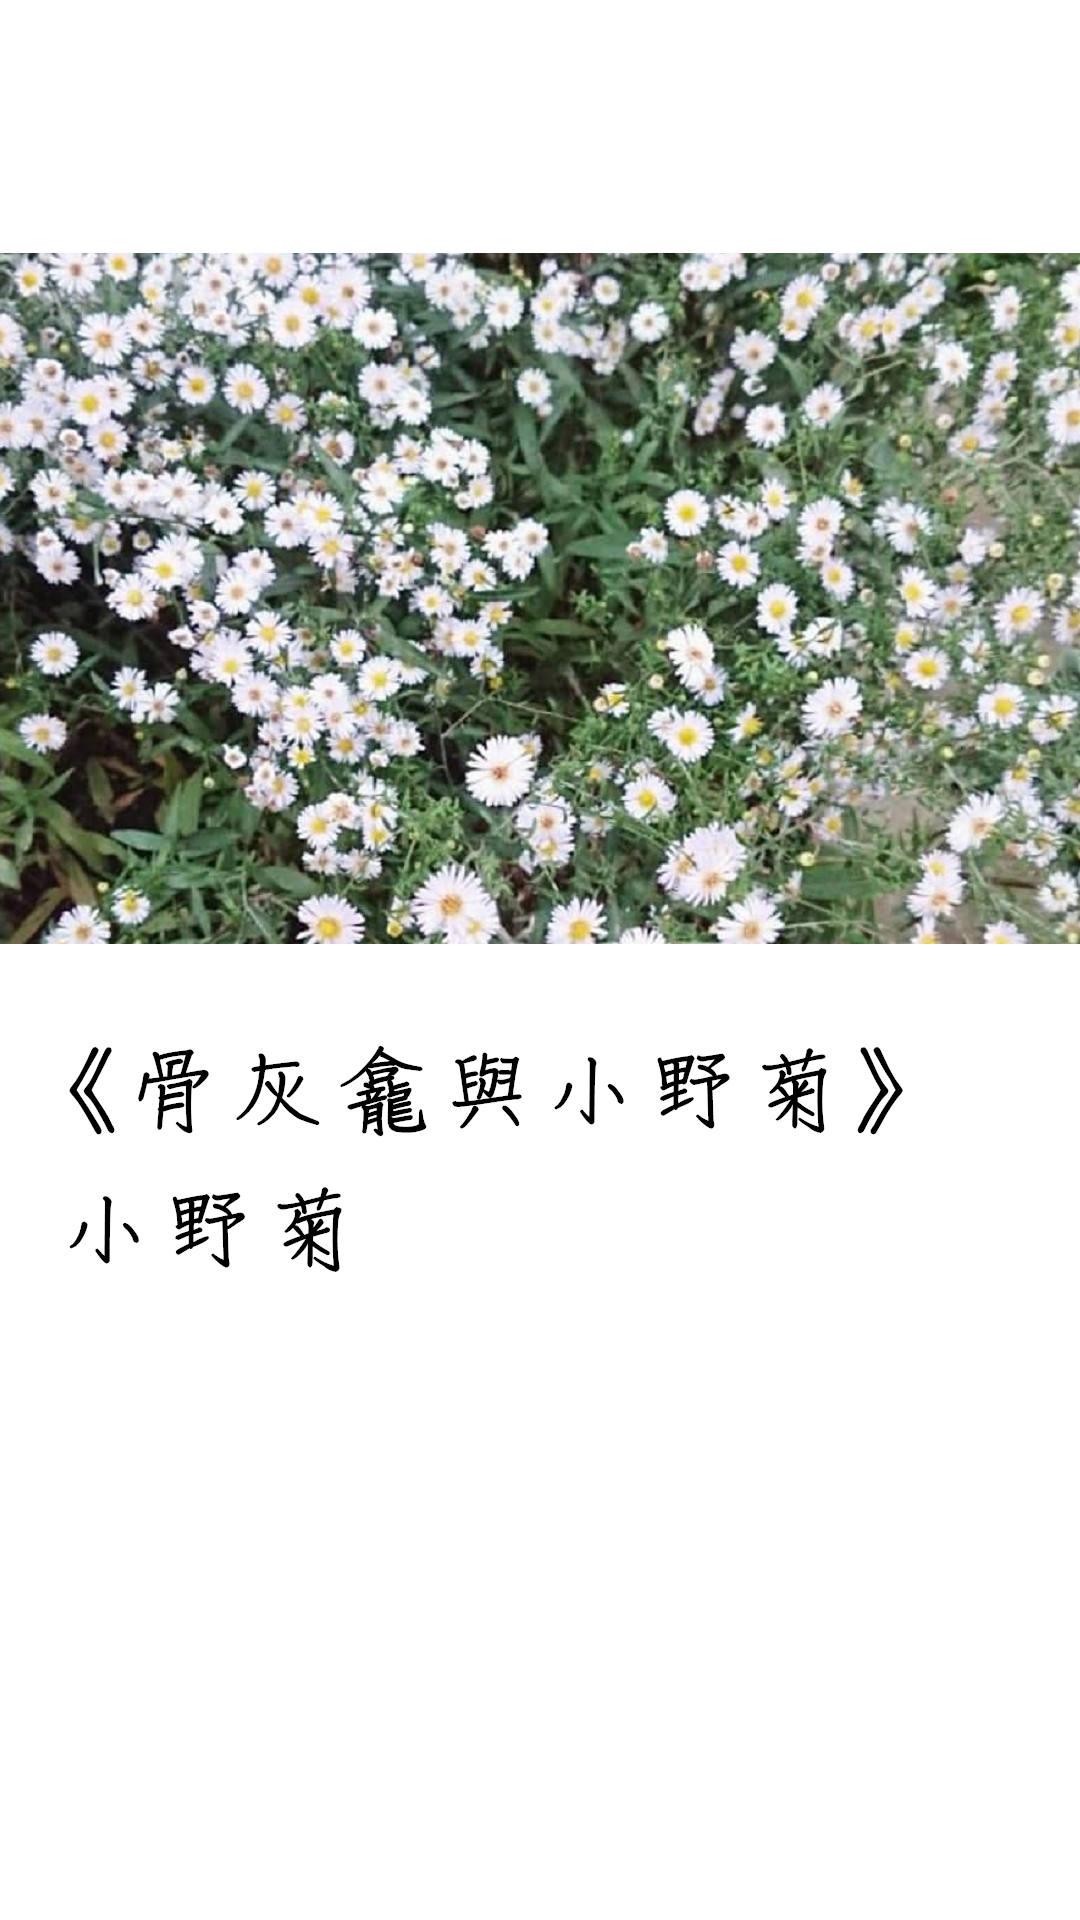 骨灰龕與小野菊